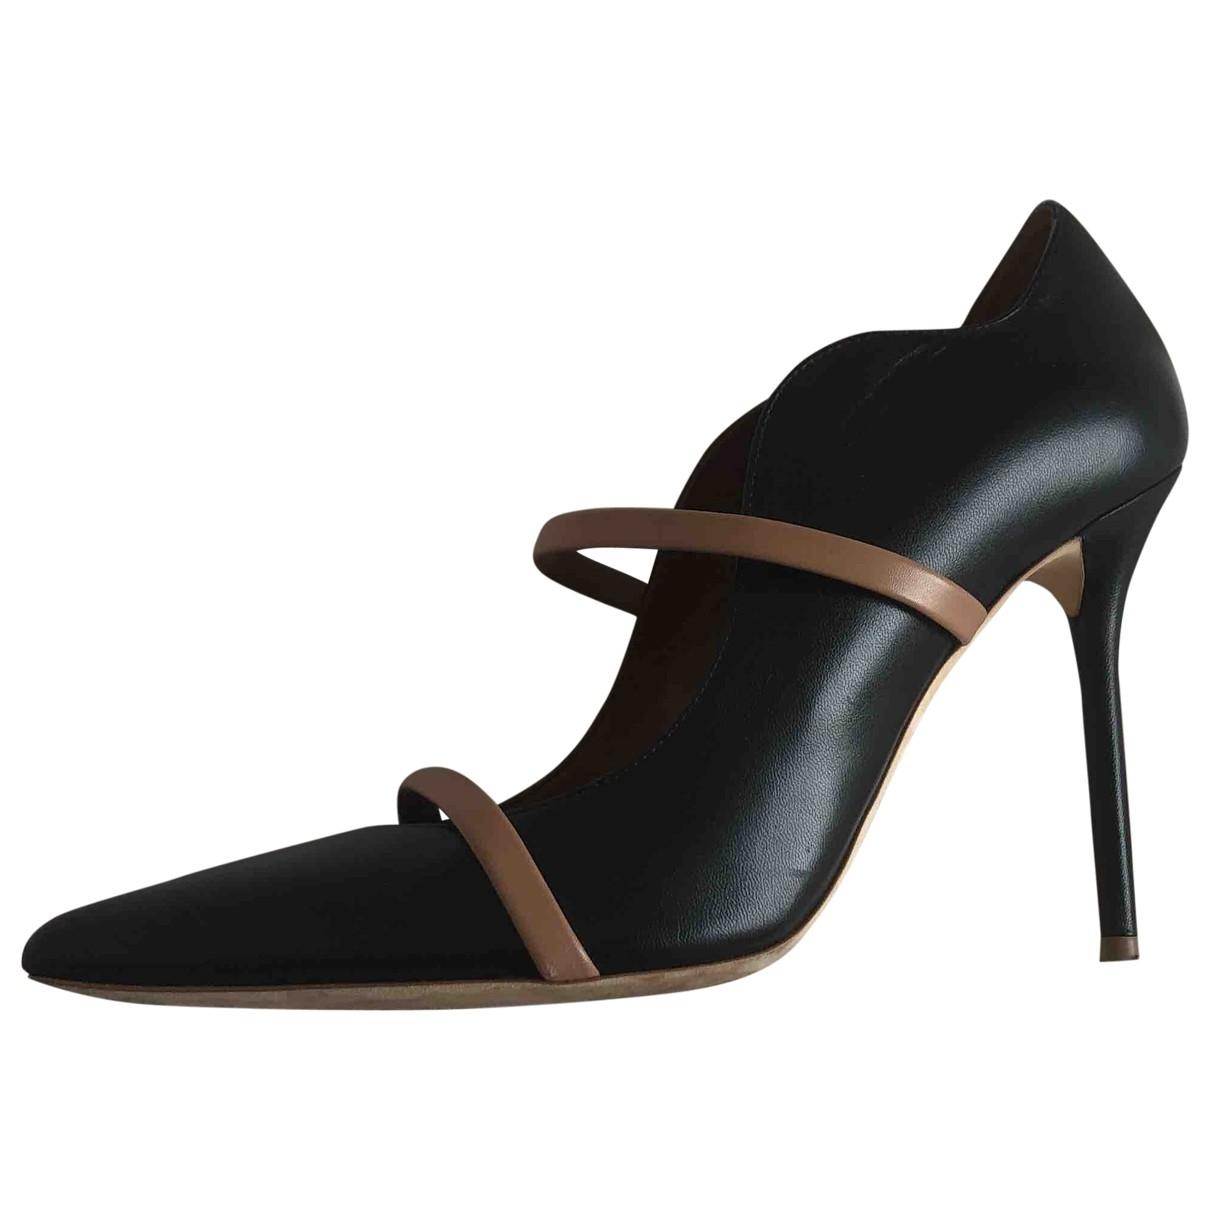 Malone Souliers Maureen Black Leather Heels for Women 39 EU